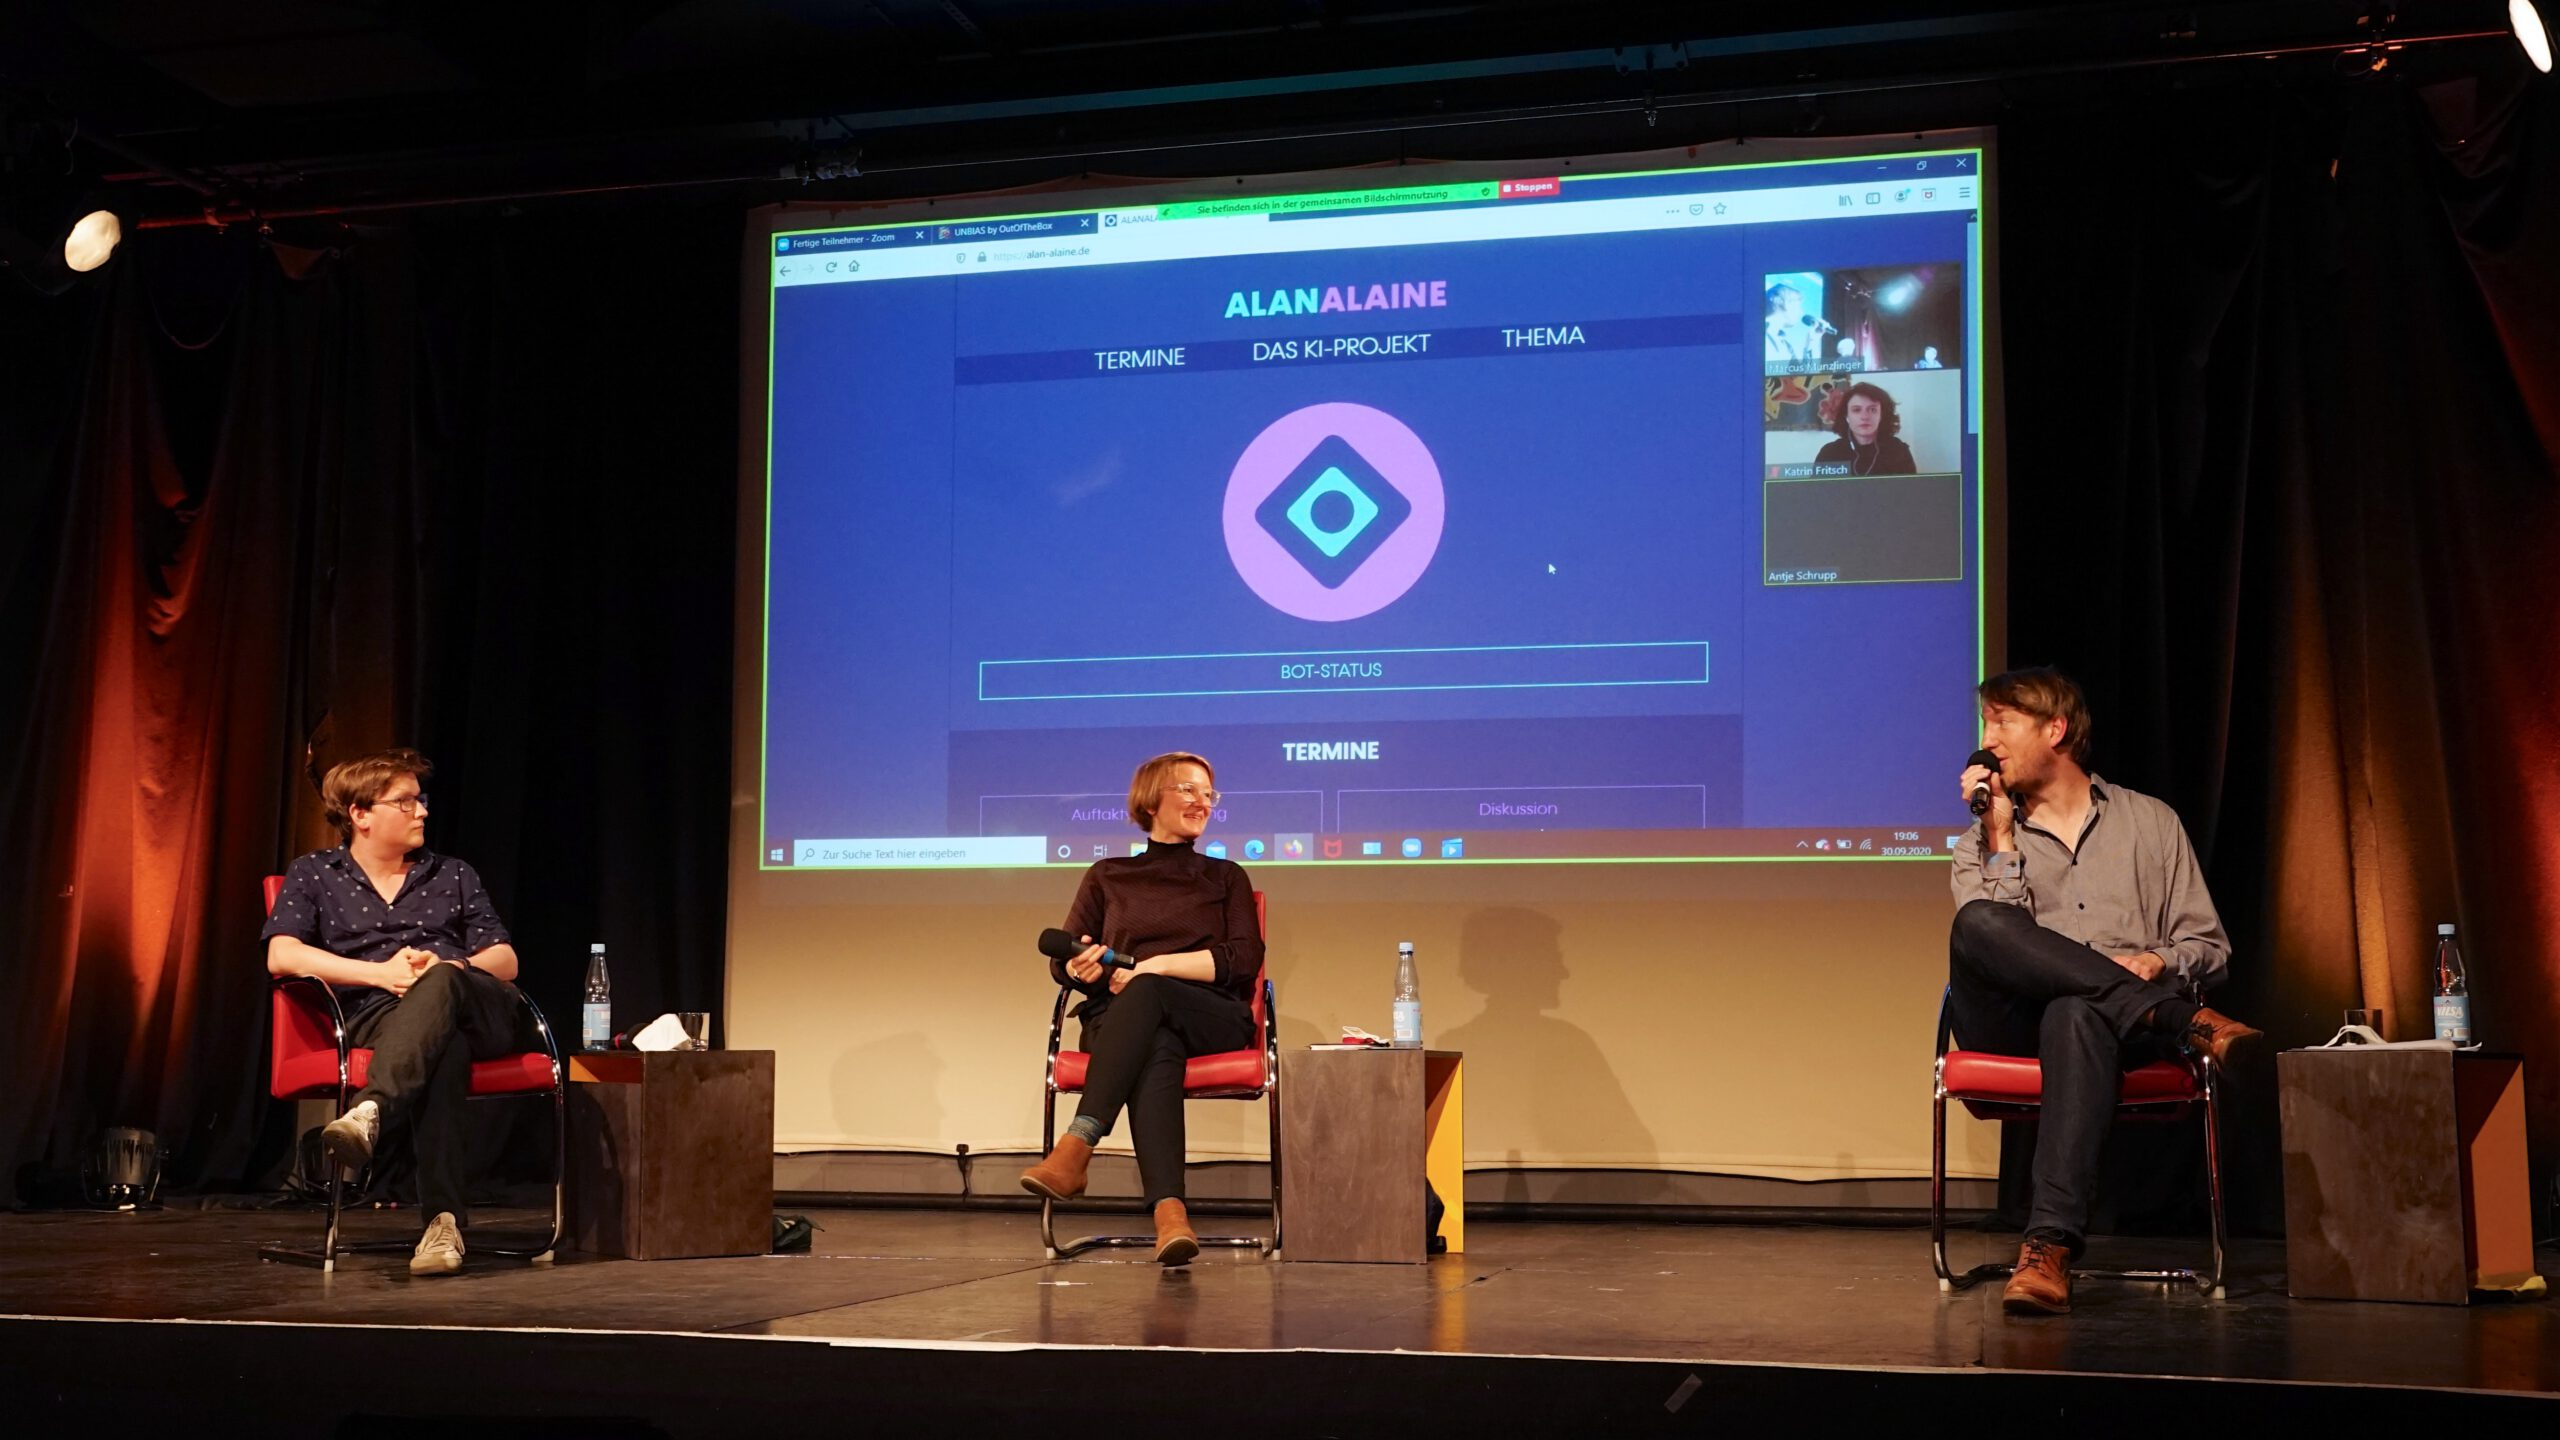 Foto der Bühne mit den drei Gesprächspartner:innen Susanne Schuster, Ricardo Gehn und Marcus Munzlinger.